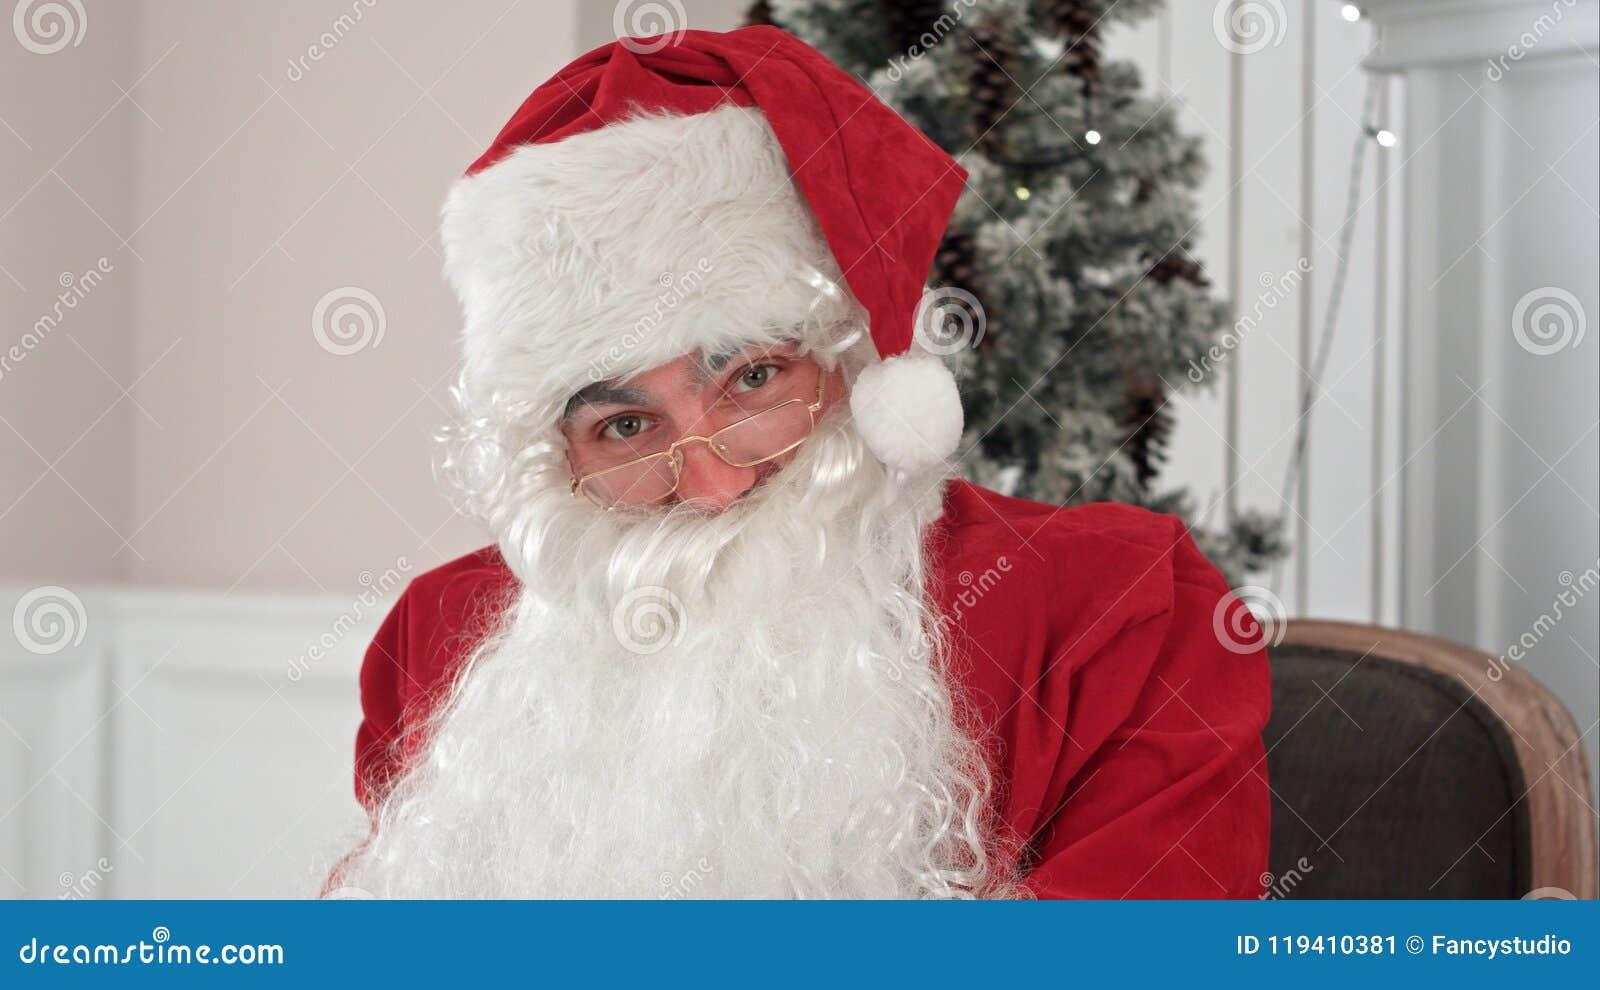 Santa Claus svarande julbokstäver och samtal till en kamera